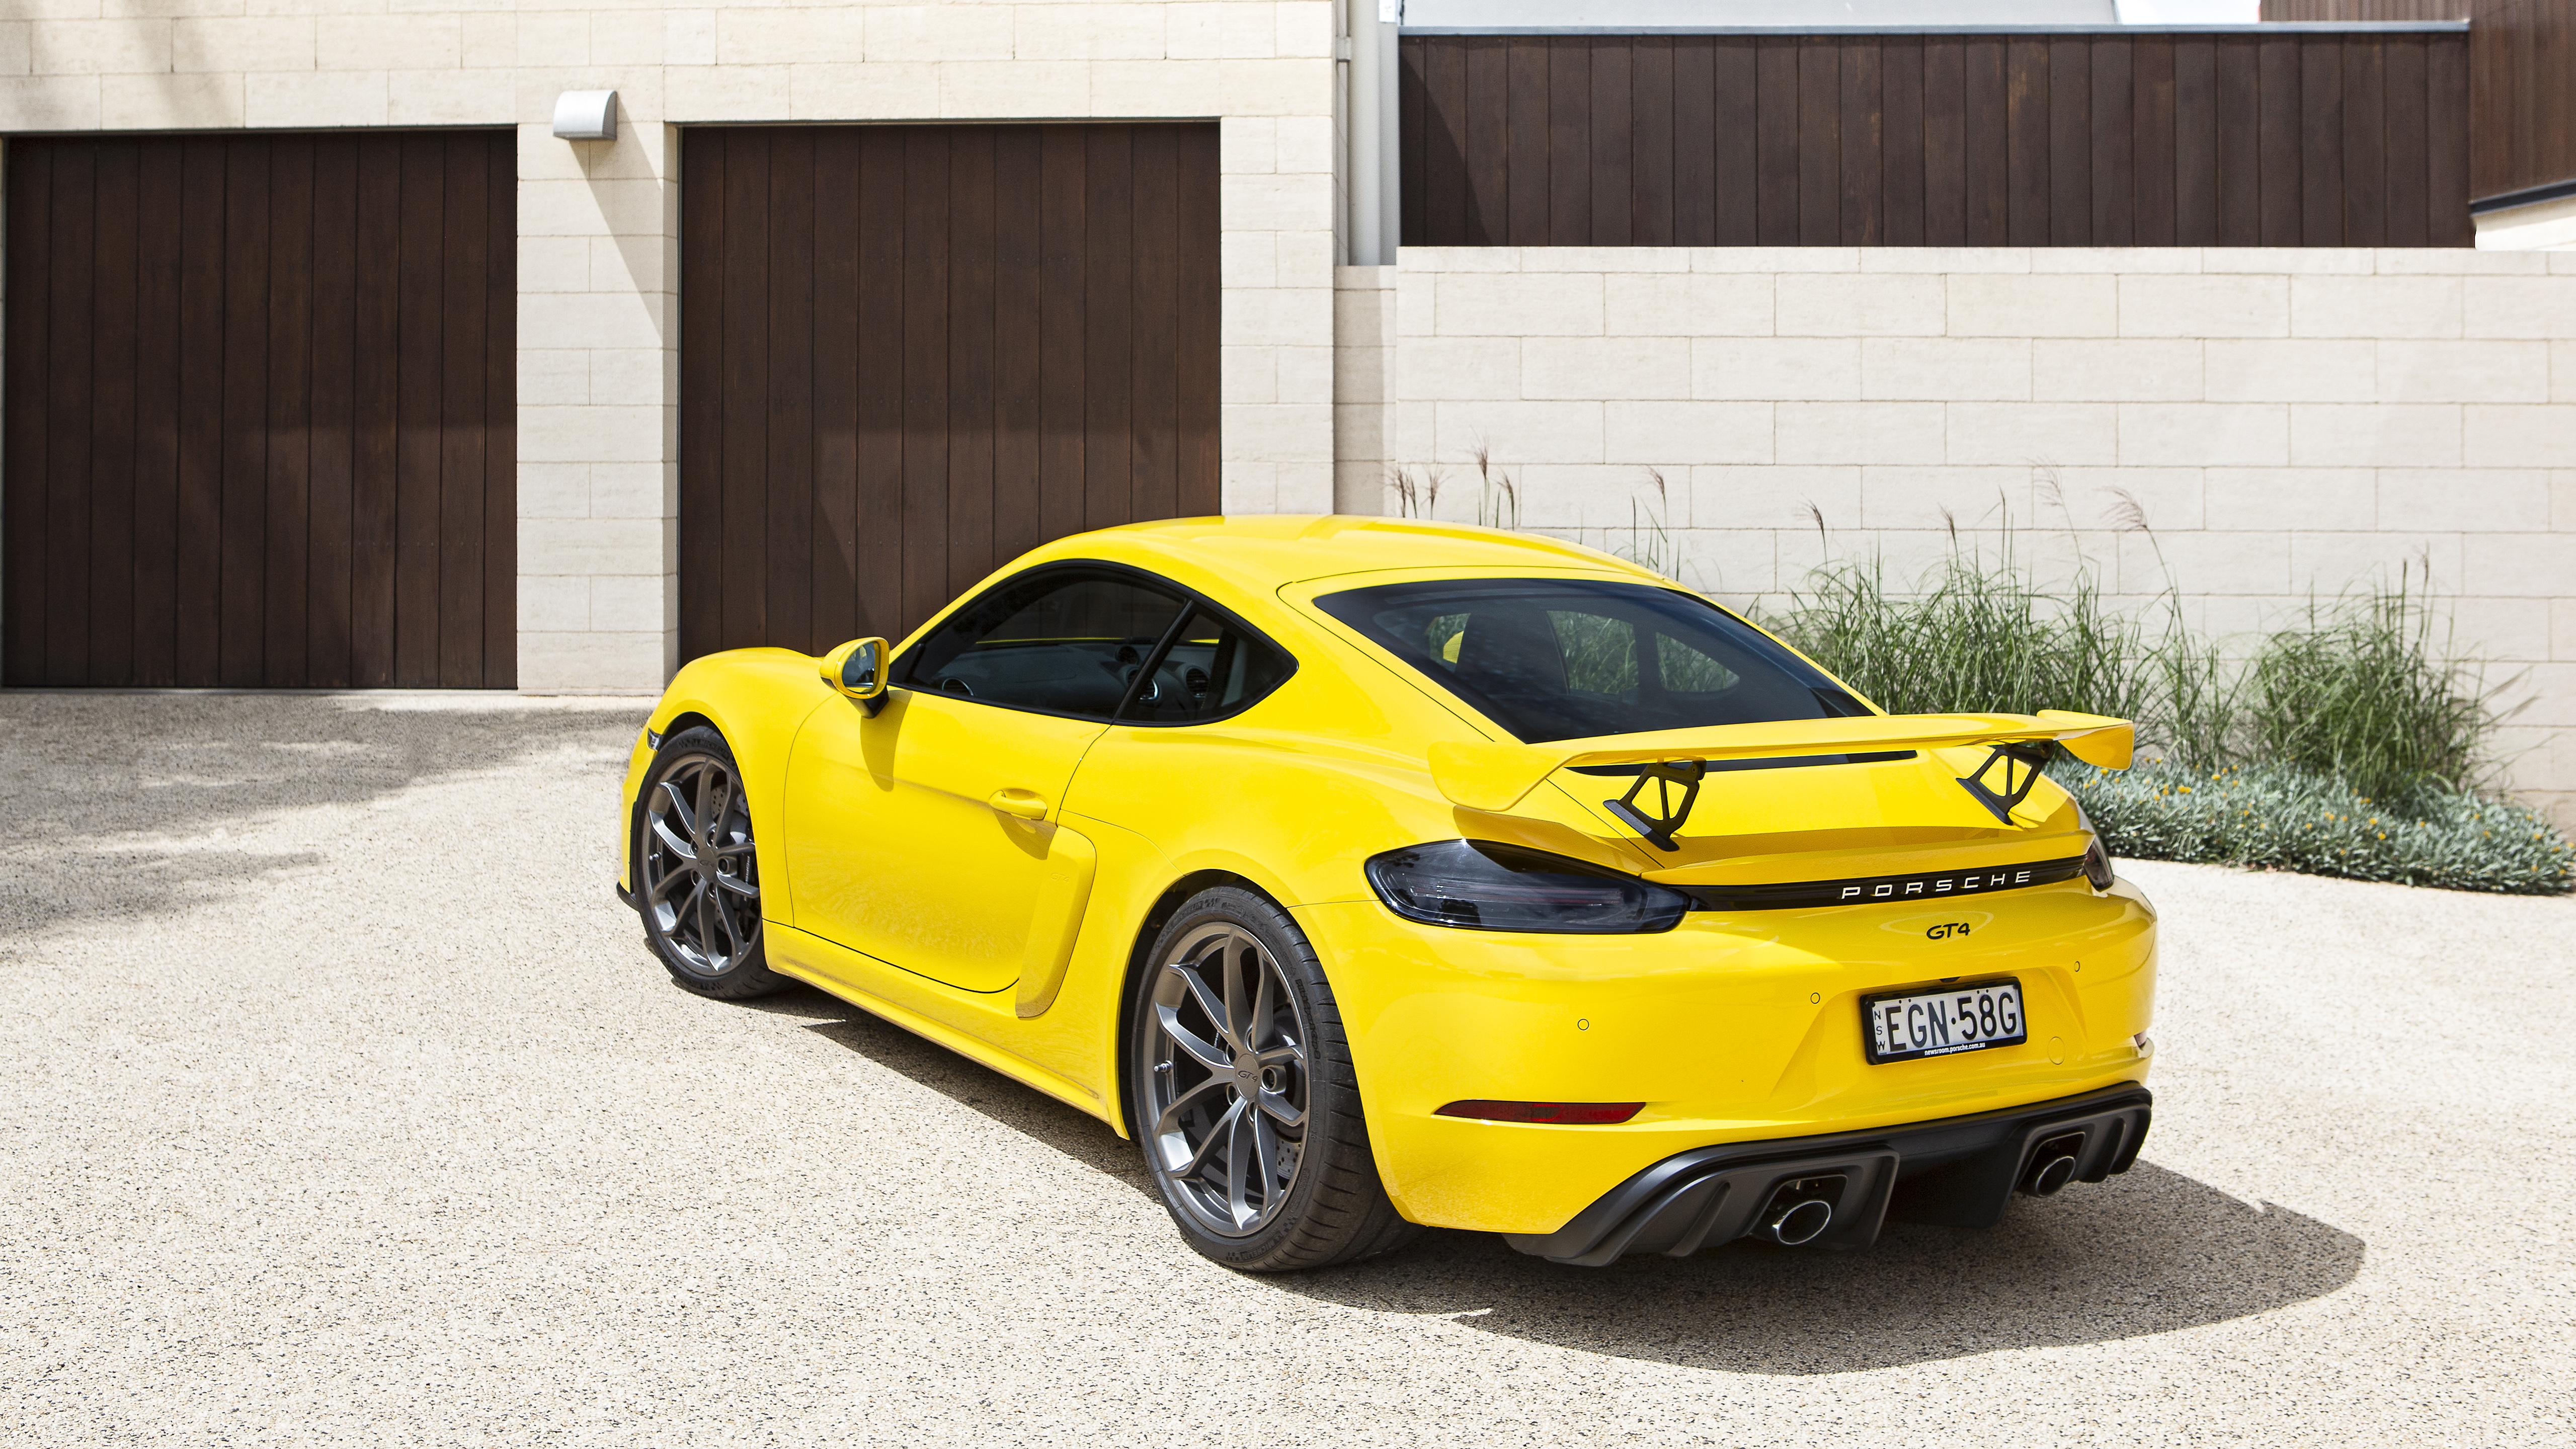 Porsche 718 Cayman Gt4 2020 5k 2 Wallpaper Hd Car Wallpapers Id 14810